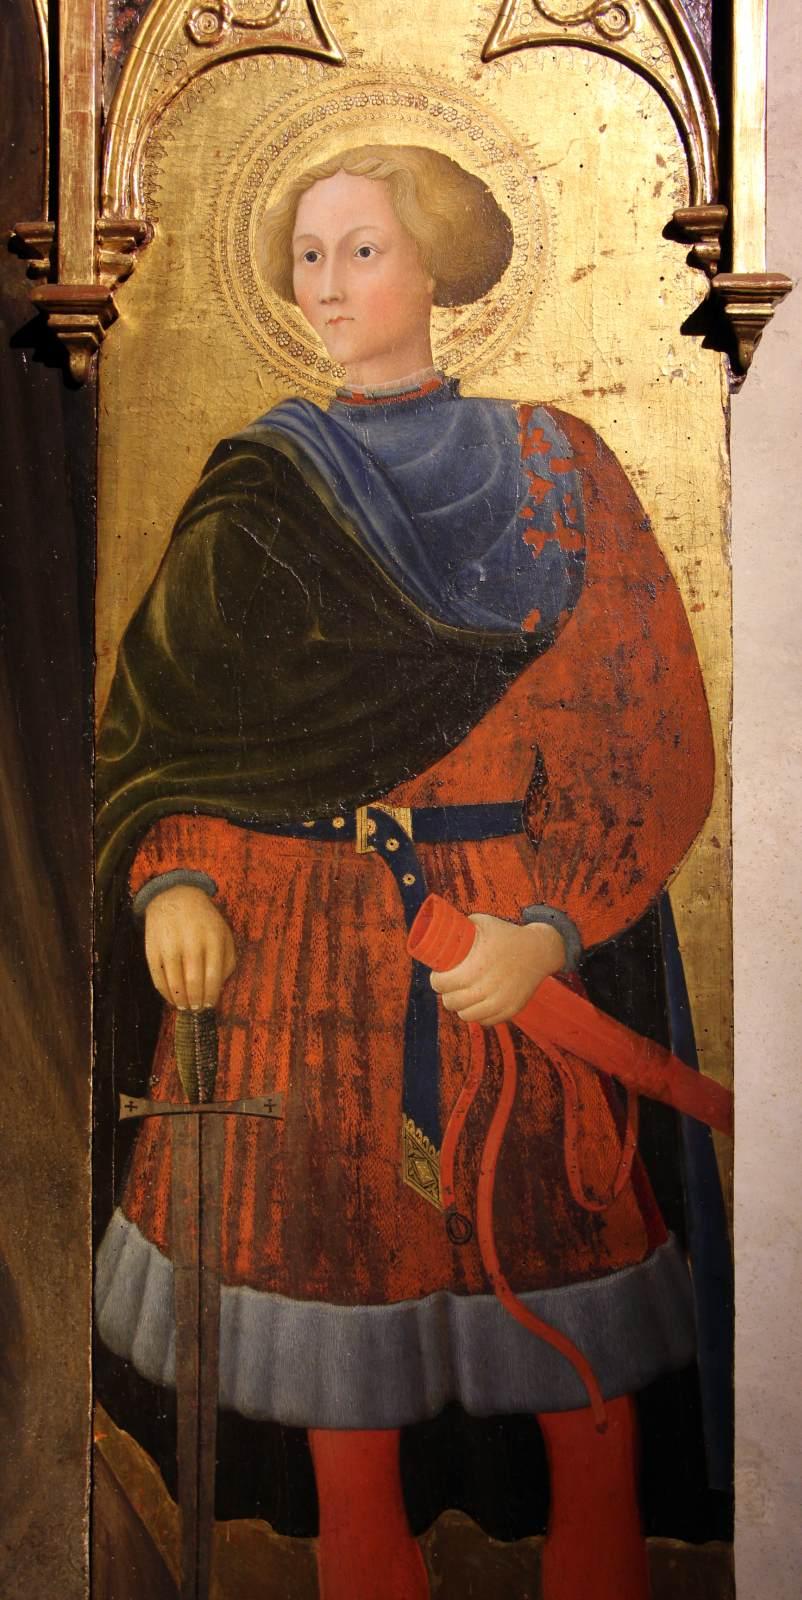 Chân dung Thánh Galgano Guidotti, tương truyền là chủ nhân của thanh kiếm trong đá. (Ảnh: vga.hu)